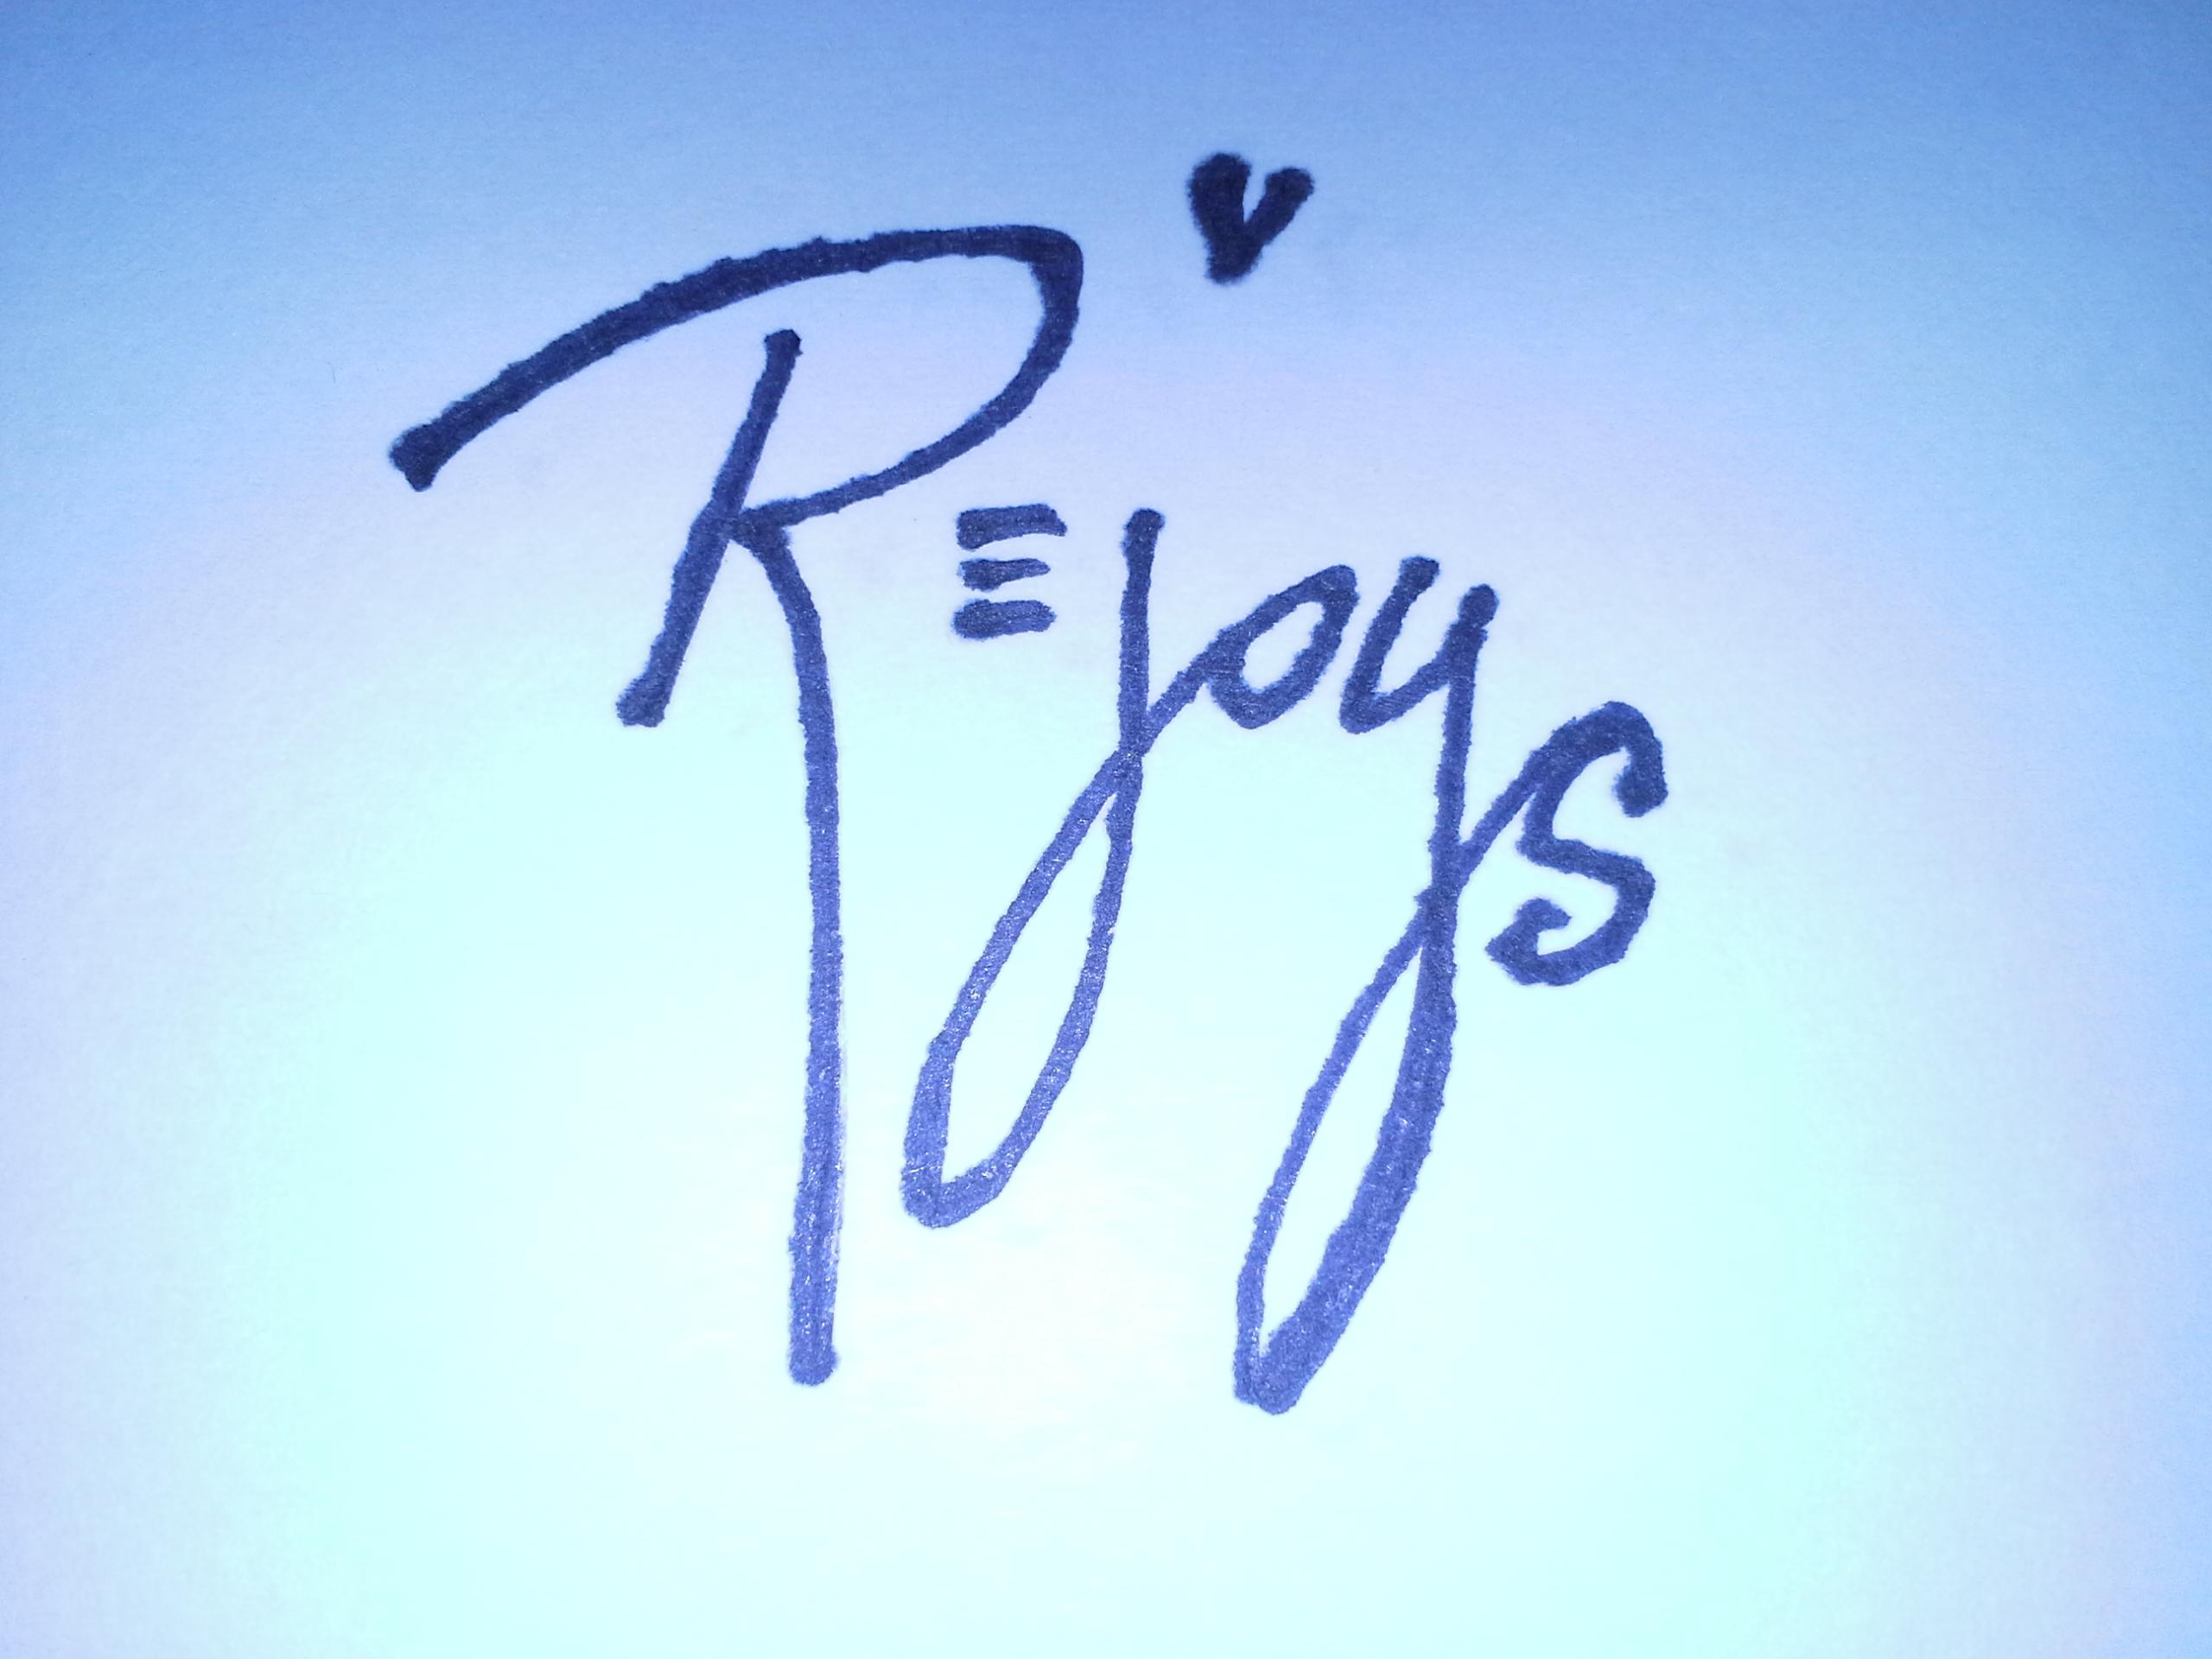 Rebecca schlabach's Signature